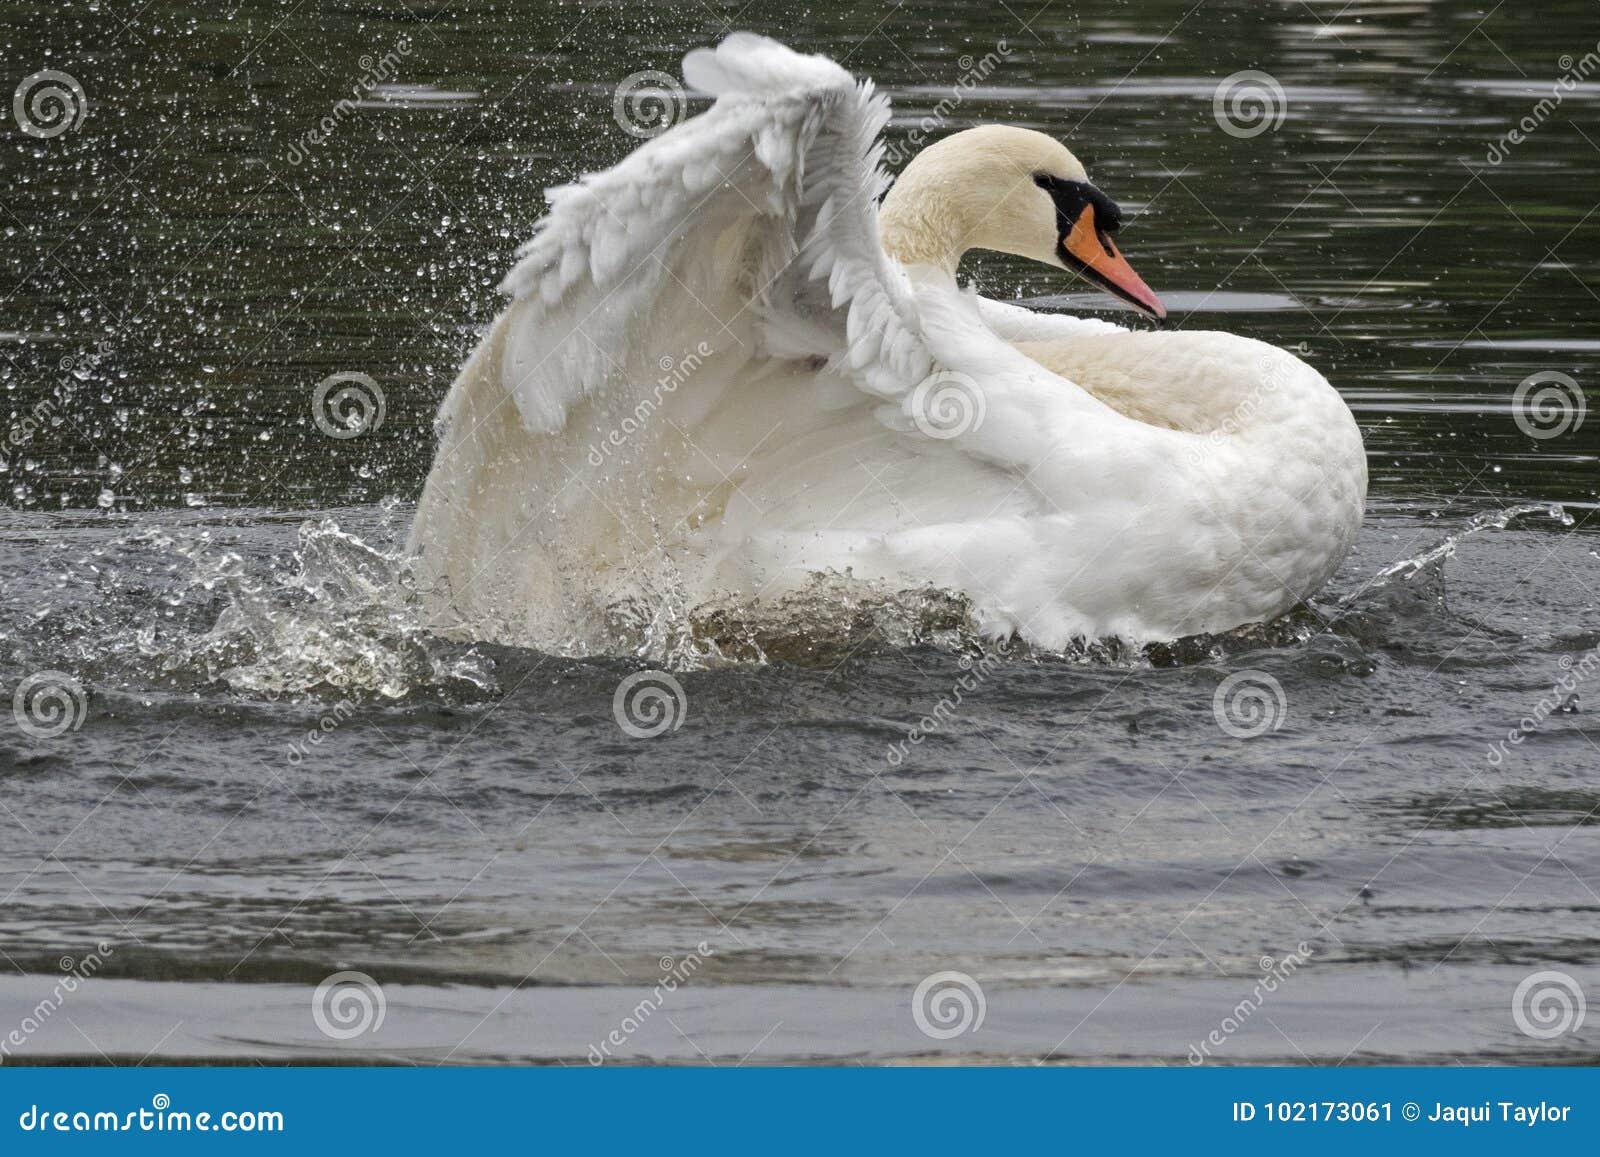 A white swan